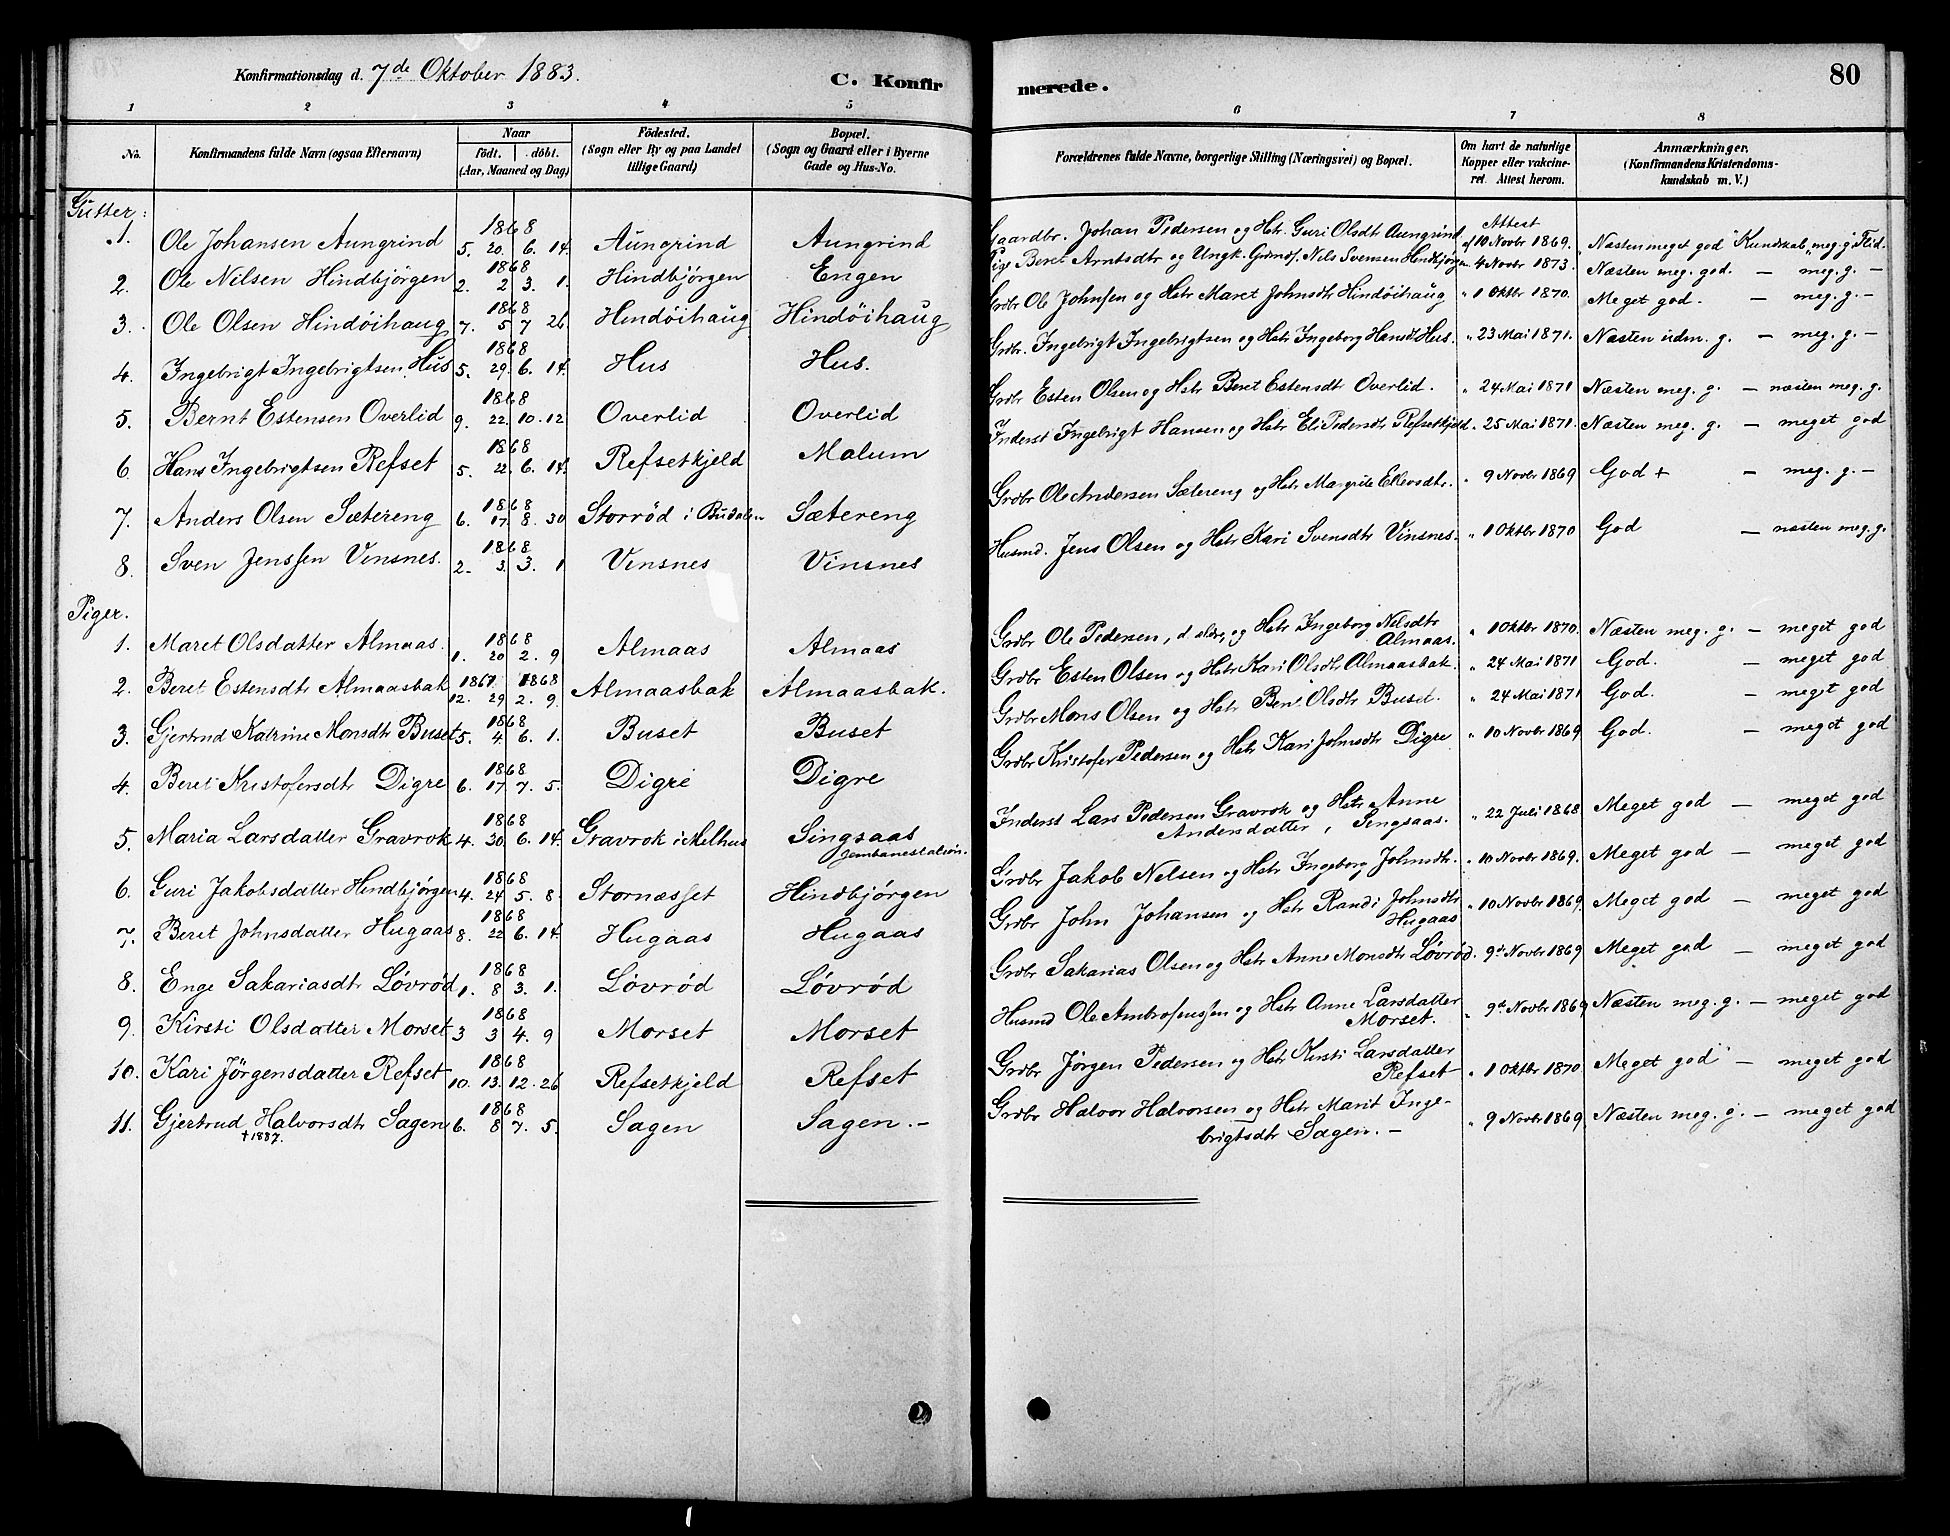 SAT, Ministerialprotokoller, klokkerbøker og fødselsregistre - Sør-Trøndelag, 688/L1024: Ministerialbok nr. 688A01, 1879-1890, s. 80